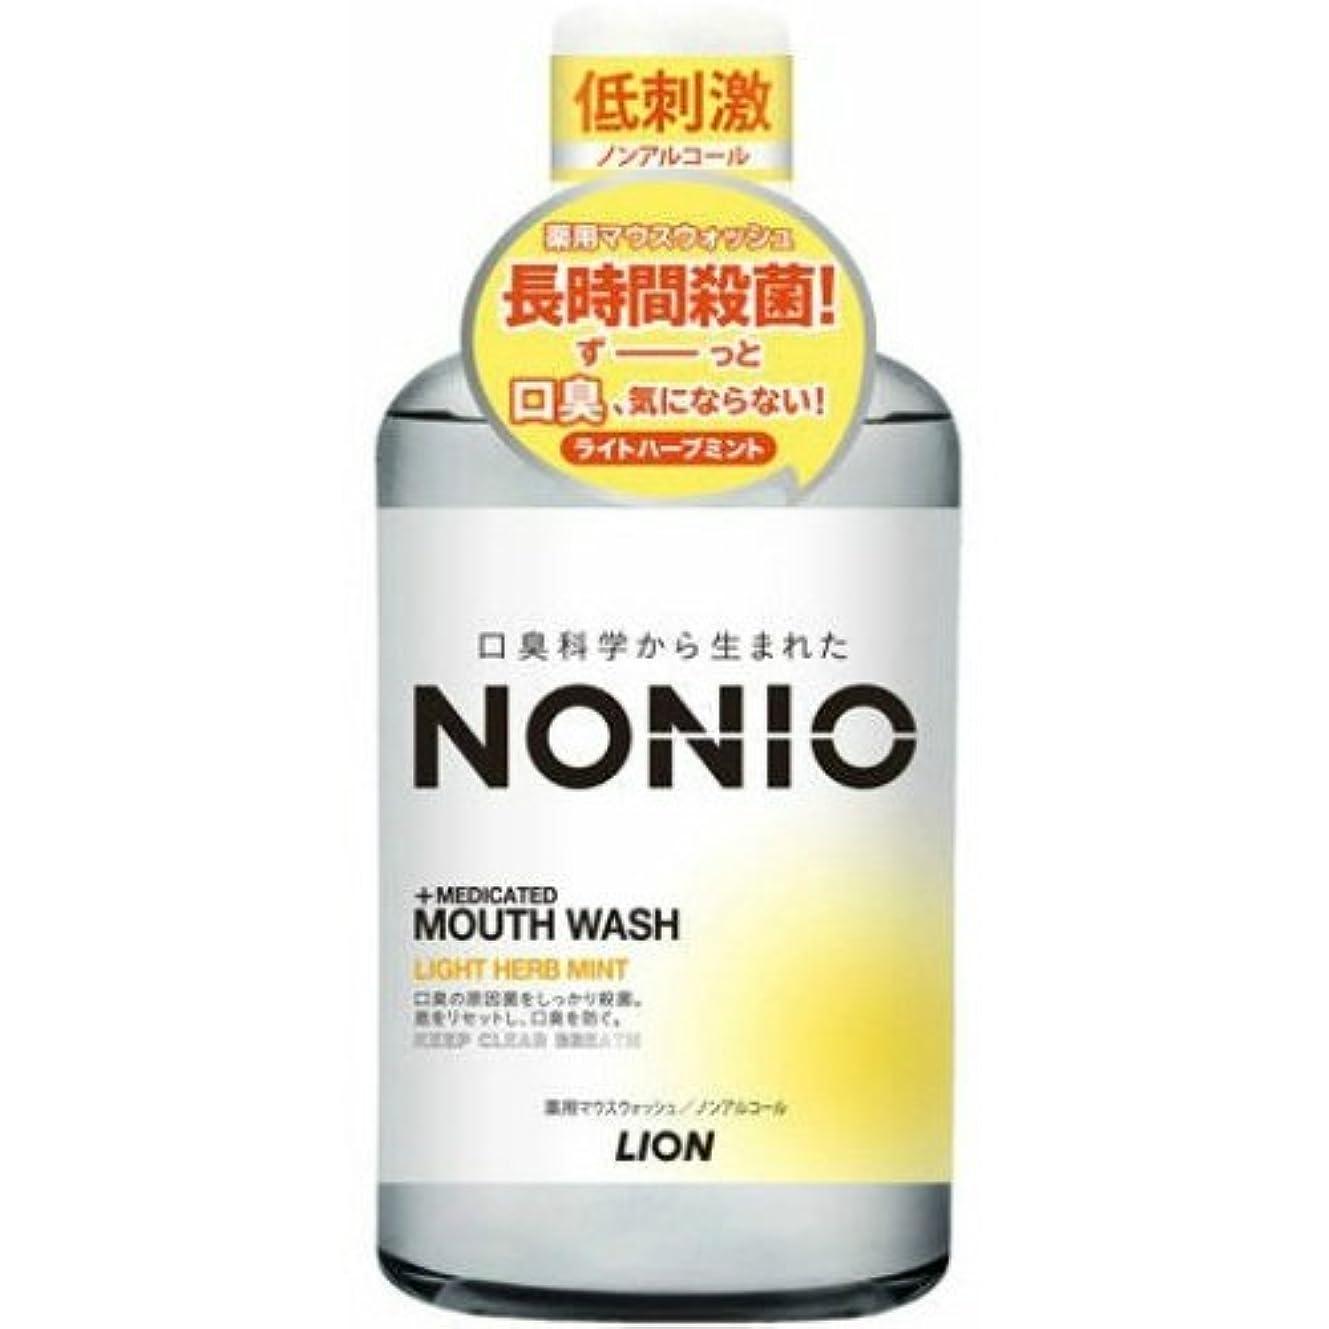 でも適応貧しいLION ライオン ノニオ NONIO 薬用マウスウォッシュ ノンアルコール ライトハーブミント 600ml 医薬部外品 ×10点セット(4903301259398)